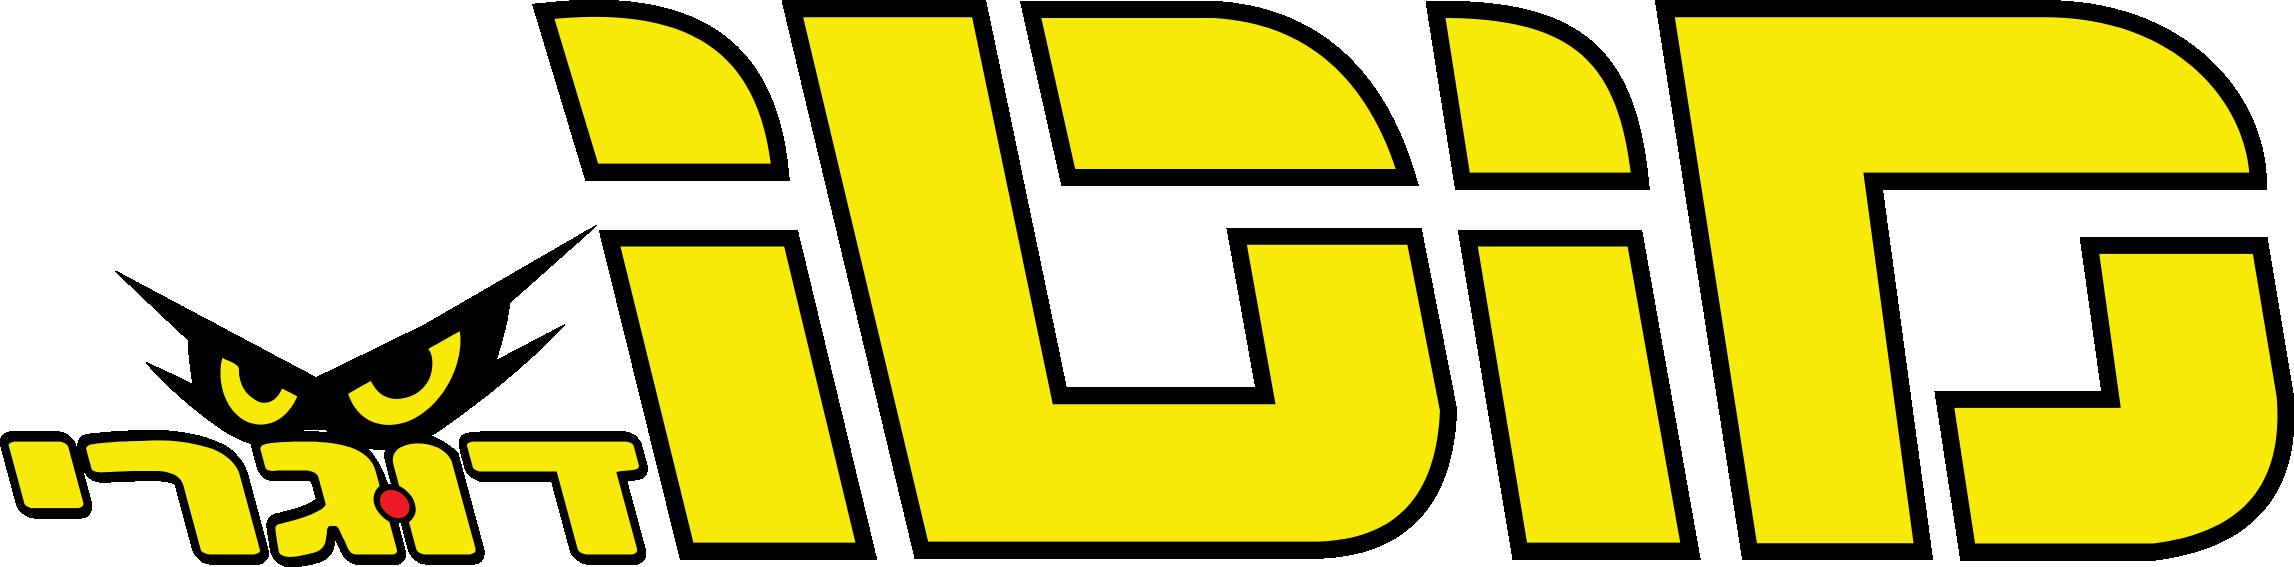 מוטו-מבחני אופנועים, קטנועים ורכבים